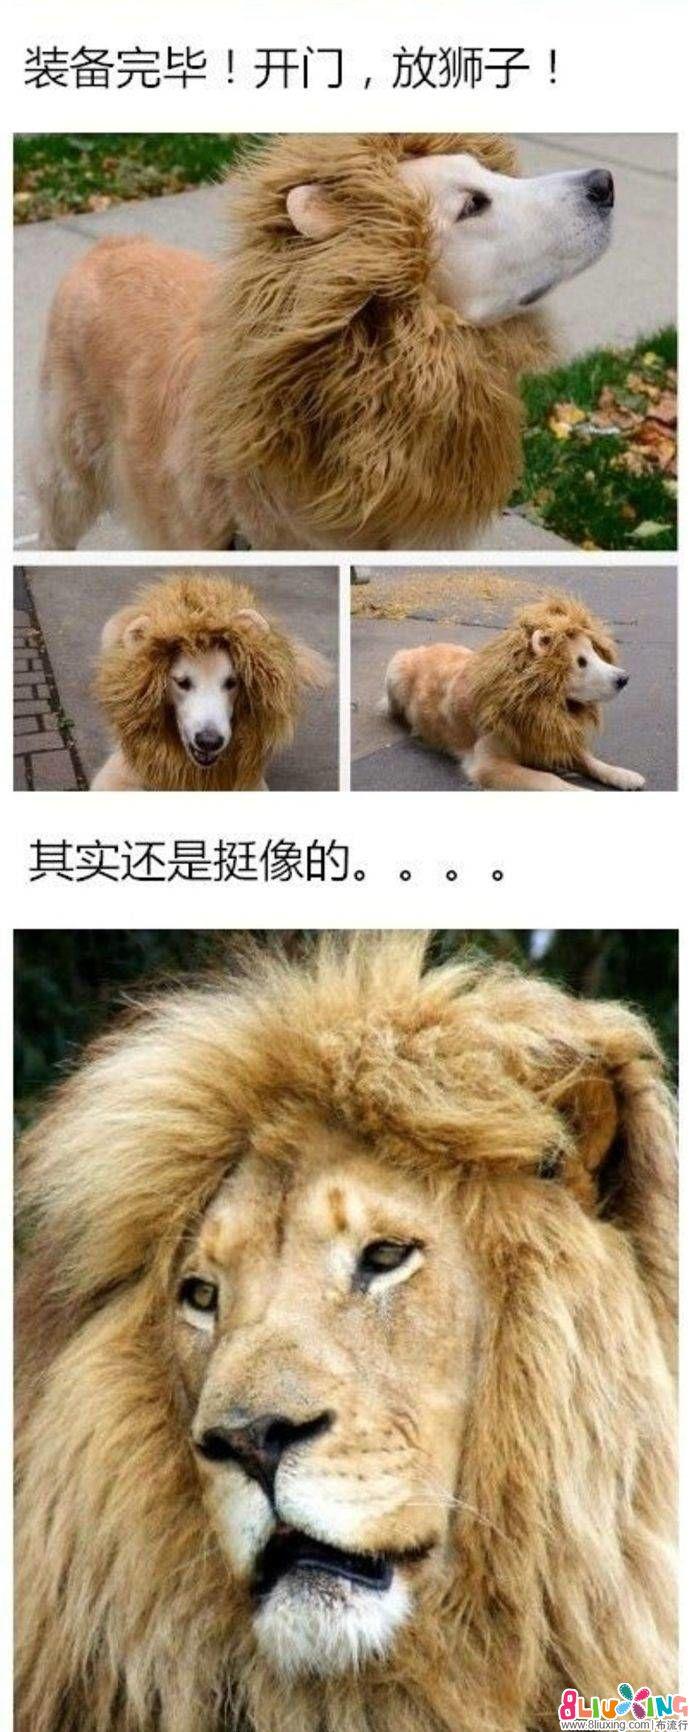 金毛变狮王